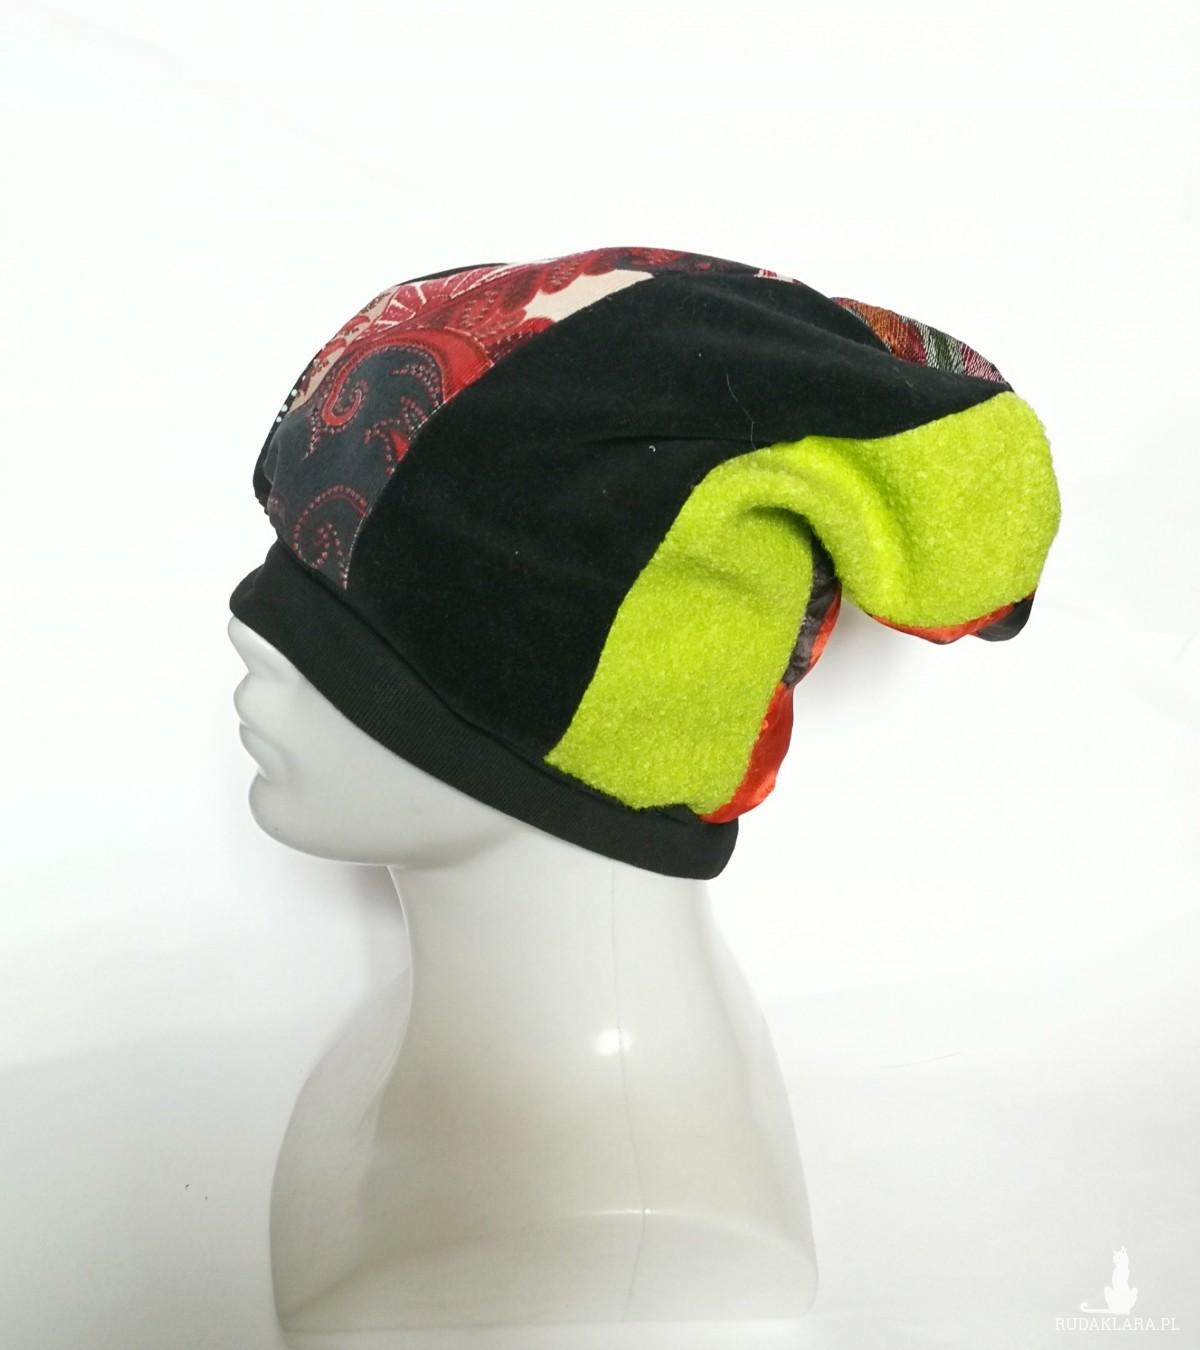 czapka patchworkowa na podszewce frida kahlo